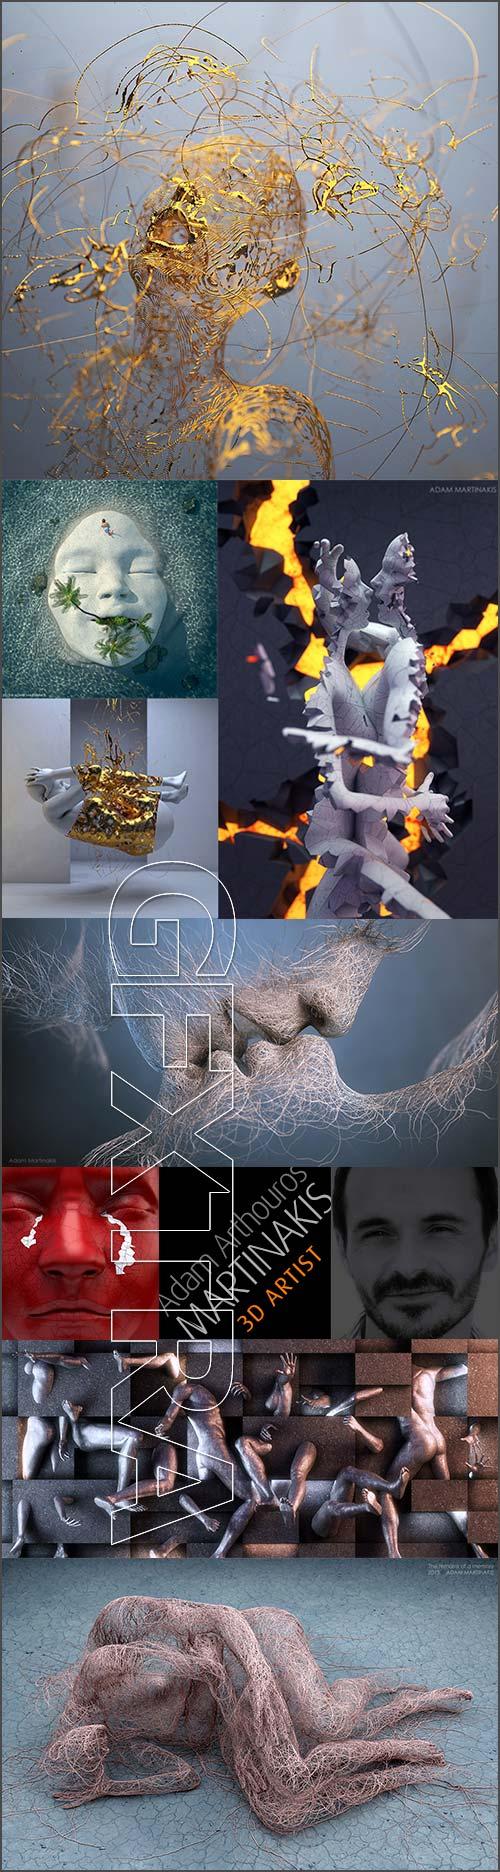 Adam Arthouros Martinakis [3D Artist]